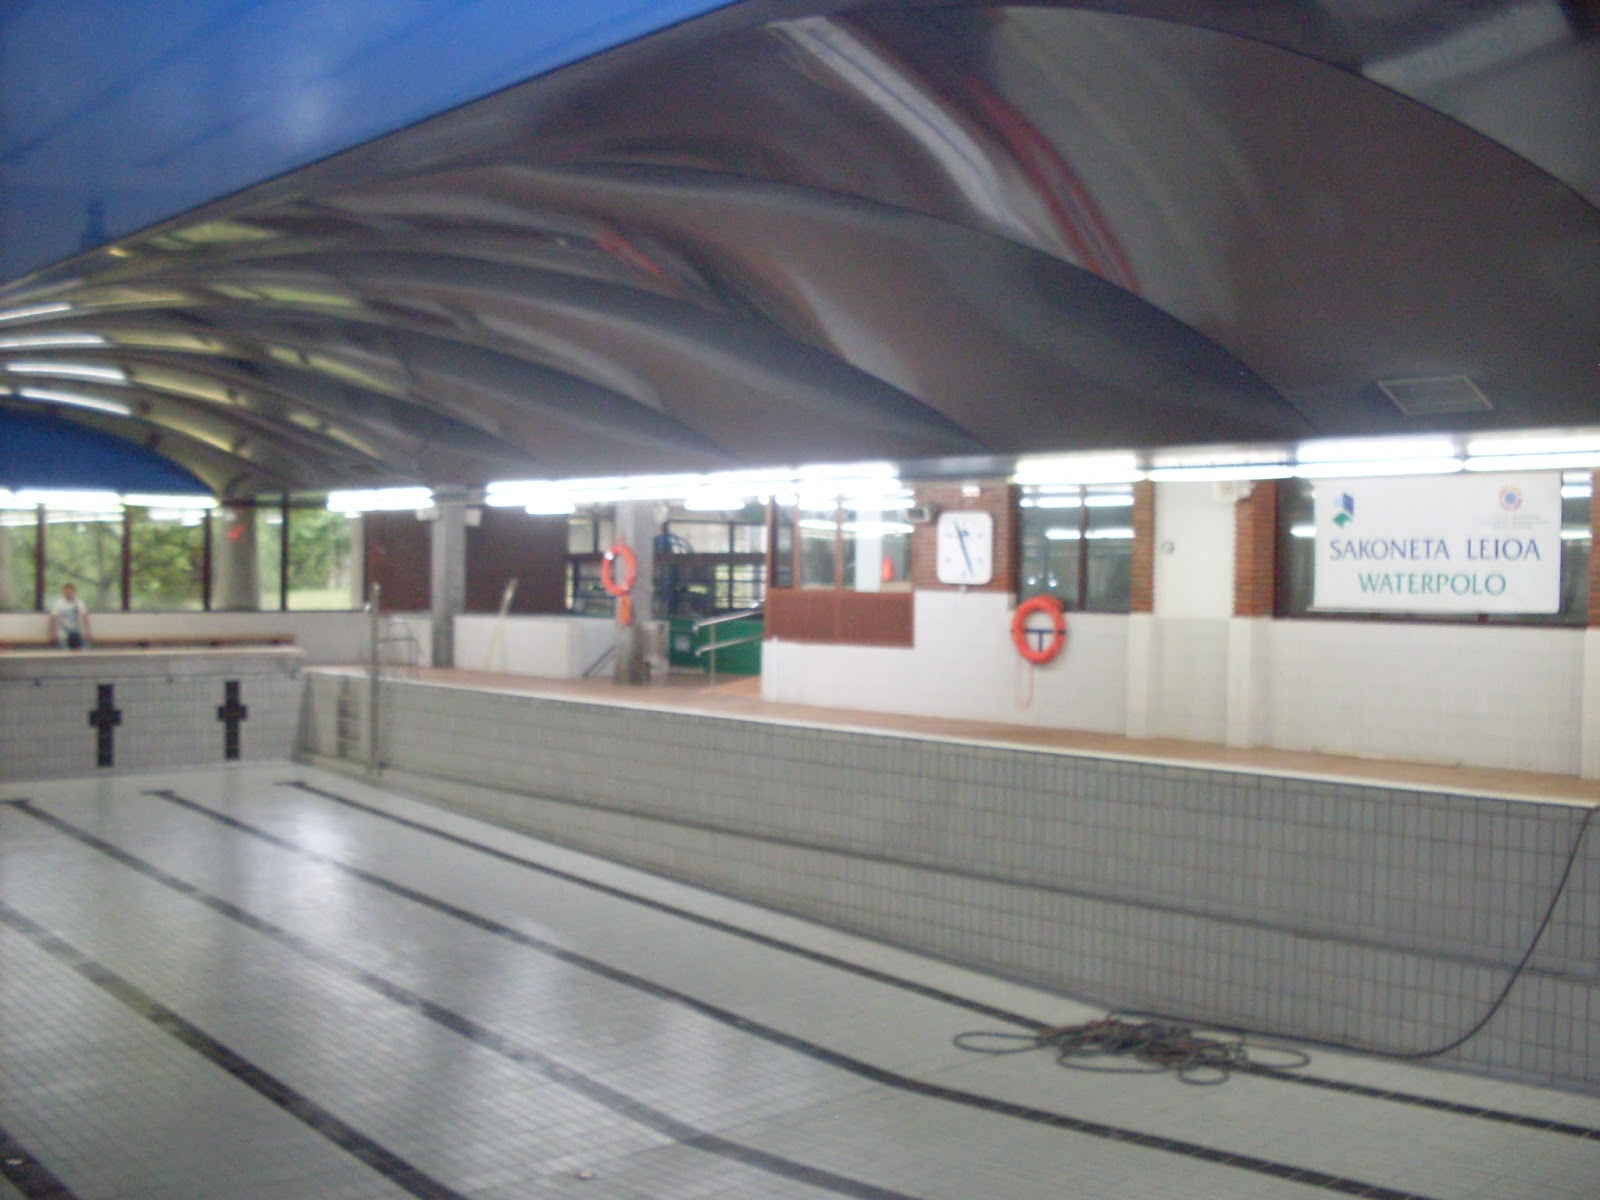 Barrelau techos tensados nueva instalacion en las for Piscinas de leioa